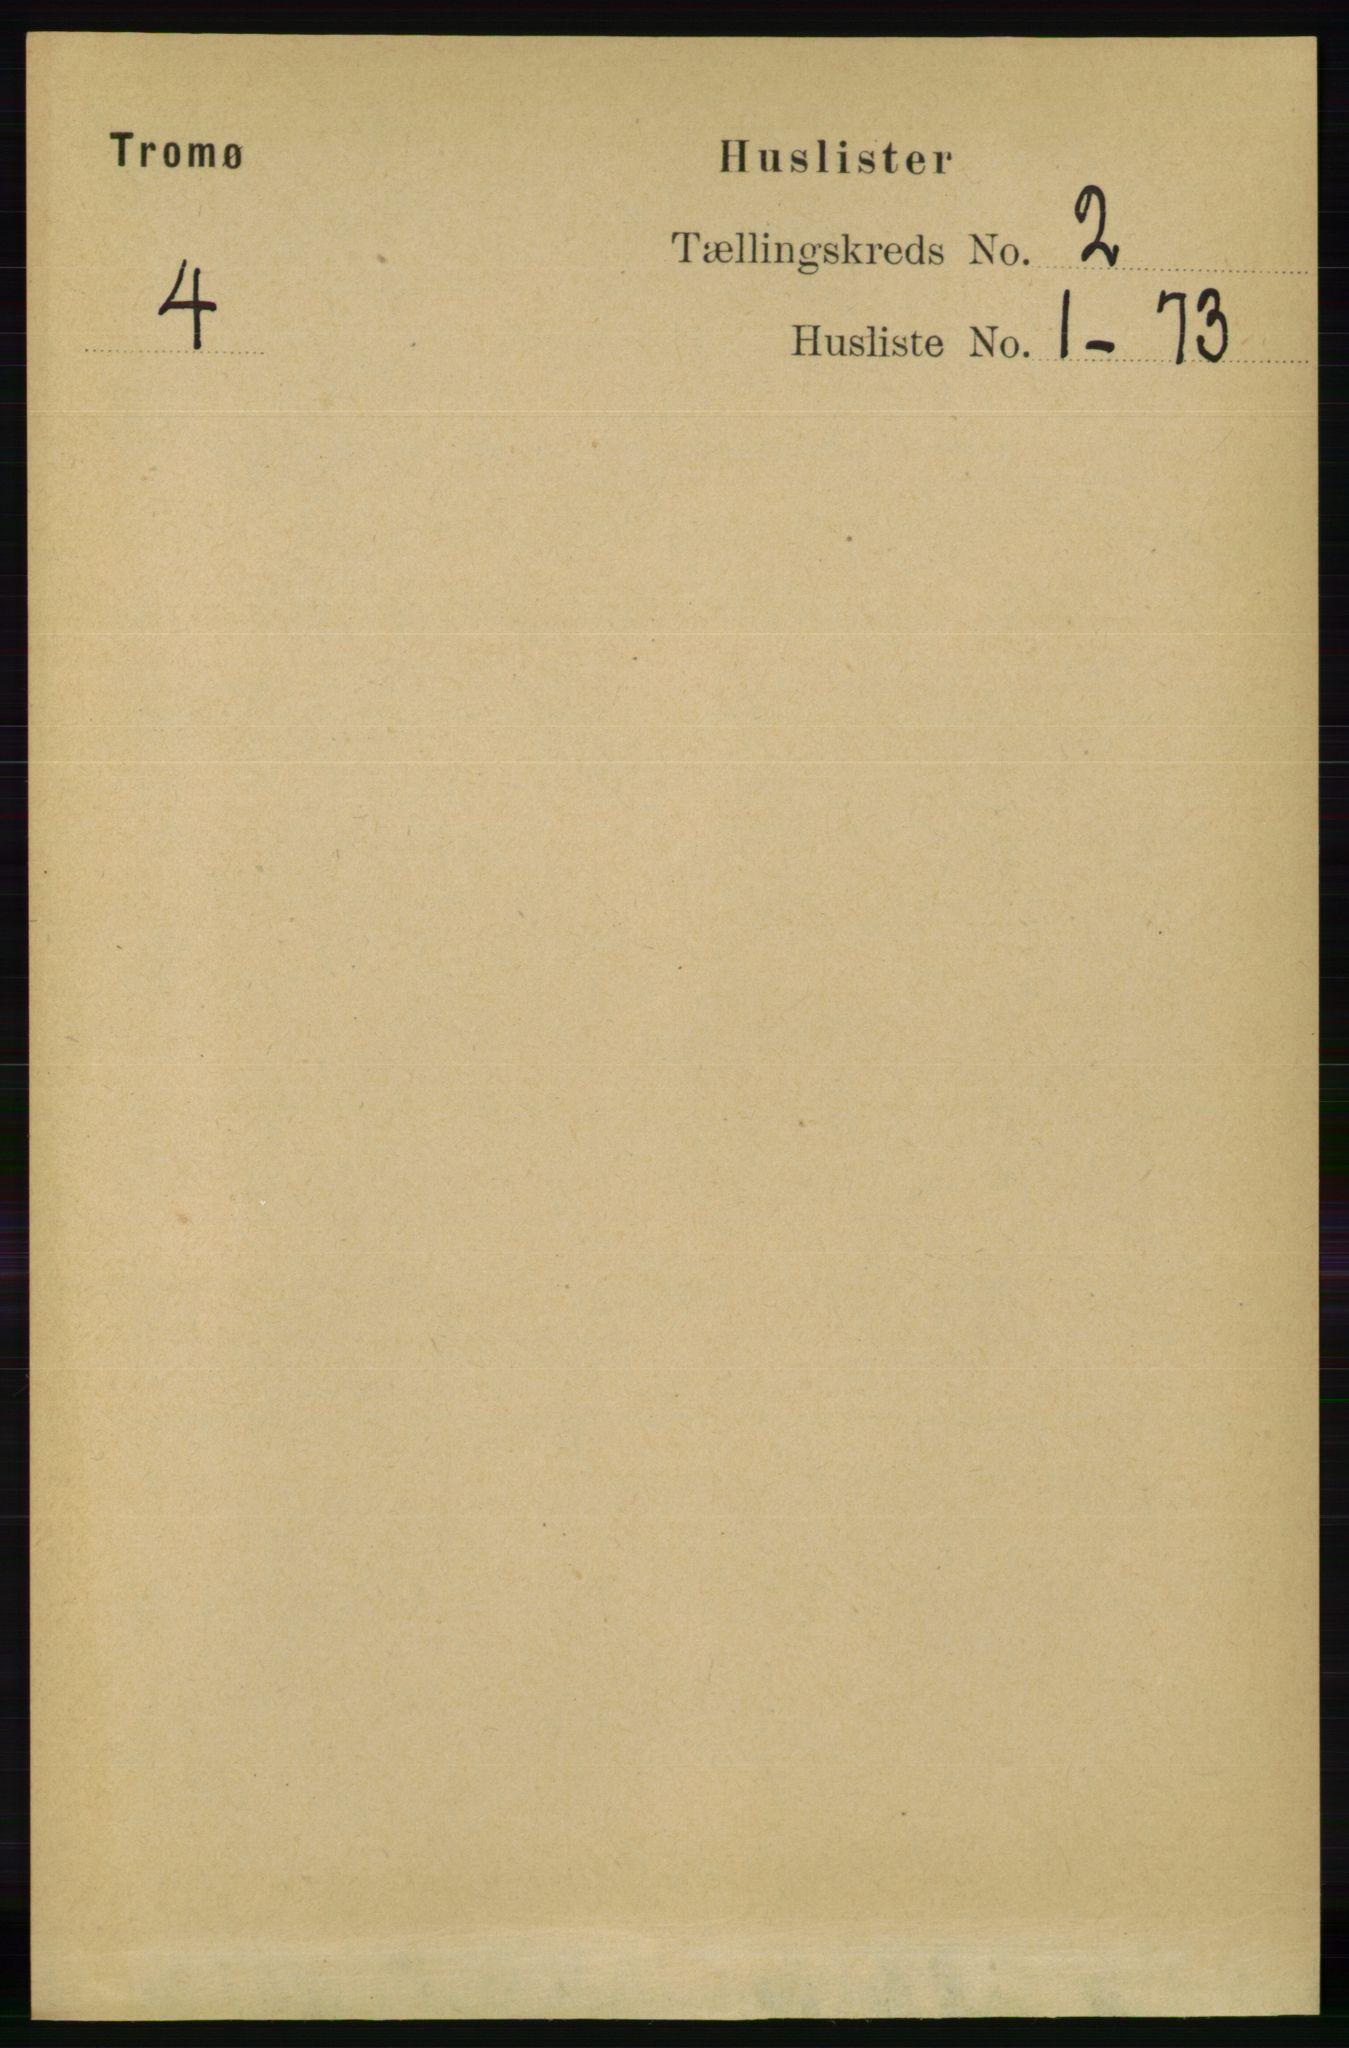 RA, Folketelling 1891 for 0921 Tromøy herred, 1891, s. 408